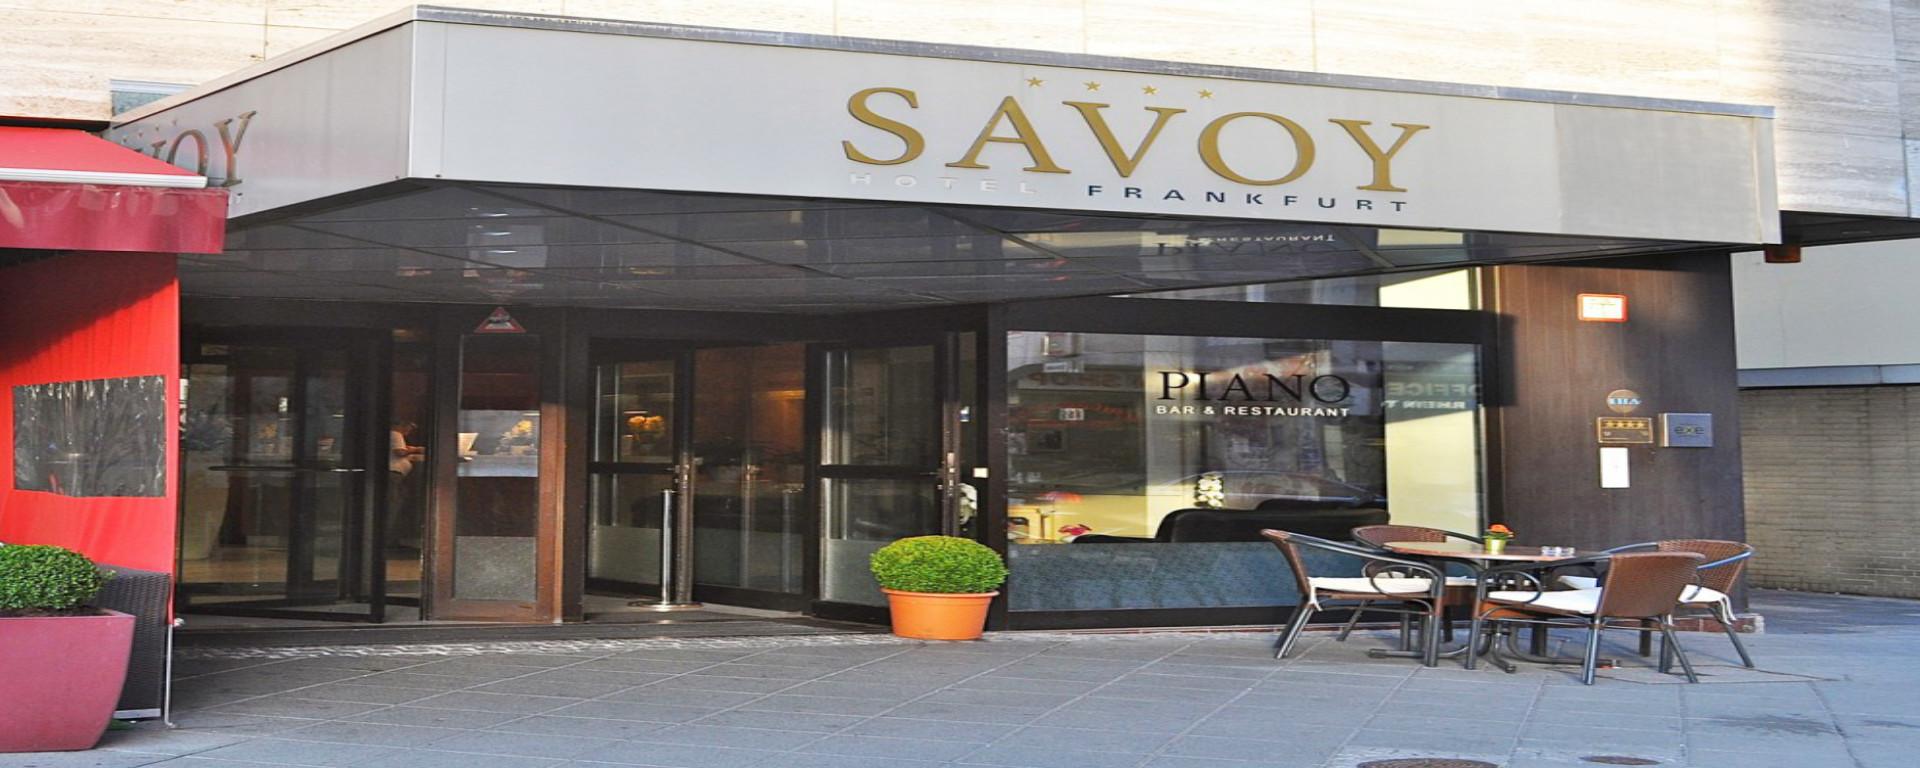 First Class Savoy Hotel Frankfurt Am Main Herzlich Willkommen